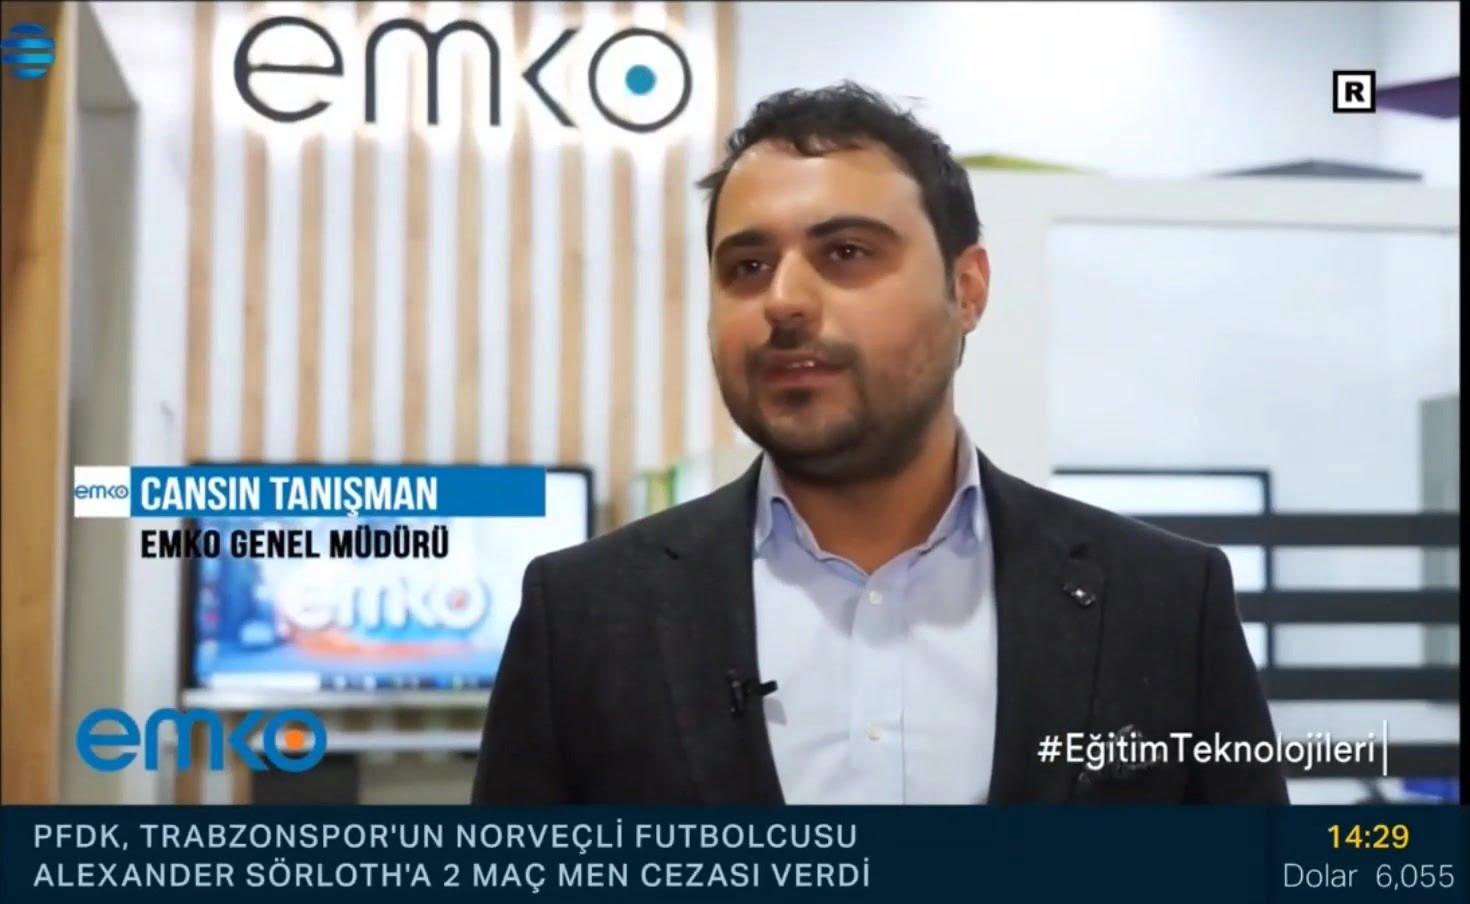 [Basında Emko] NTV Reel Sektör Emko Eğitim Teknolojileri Reklamı